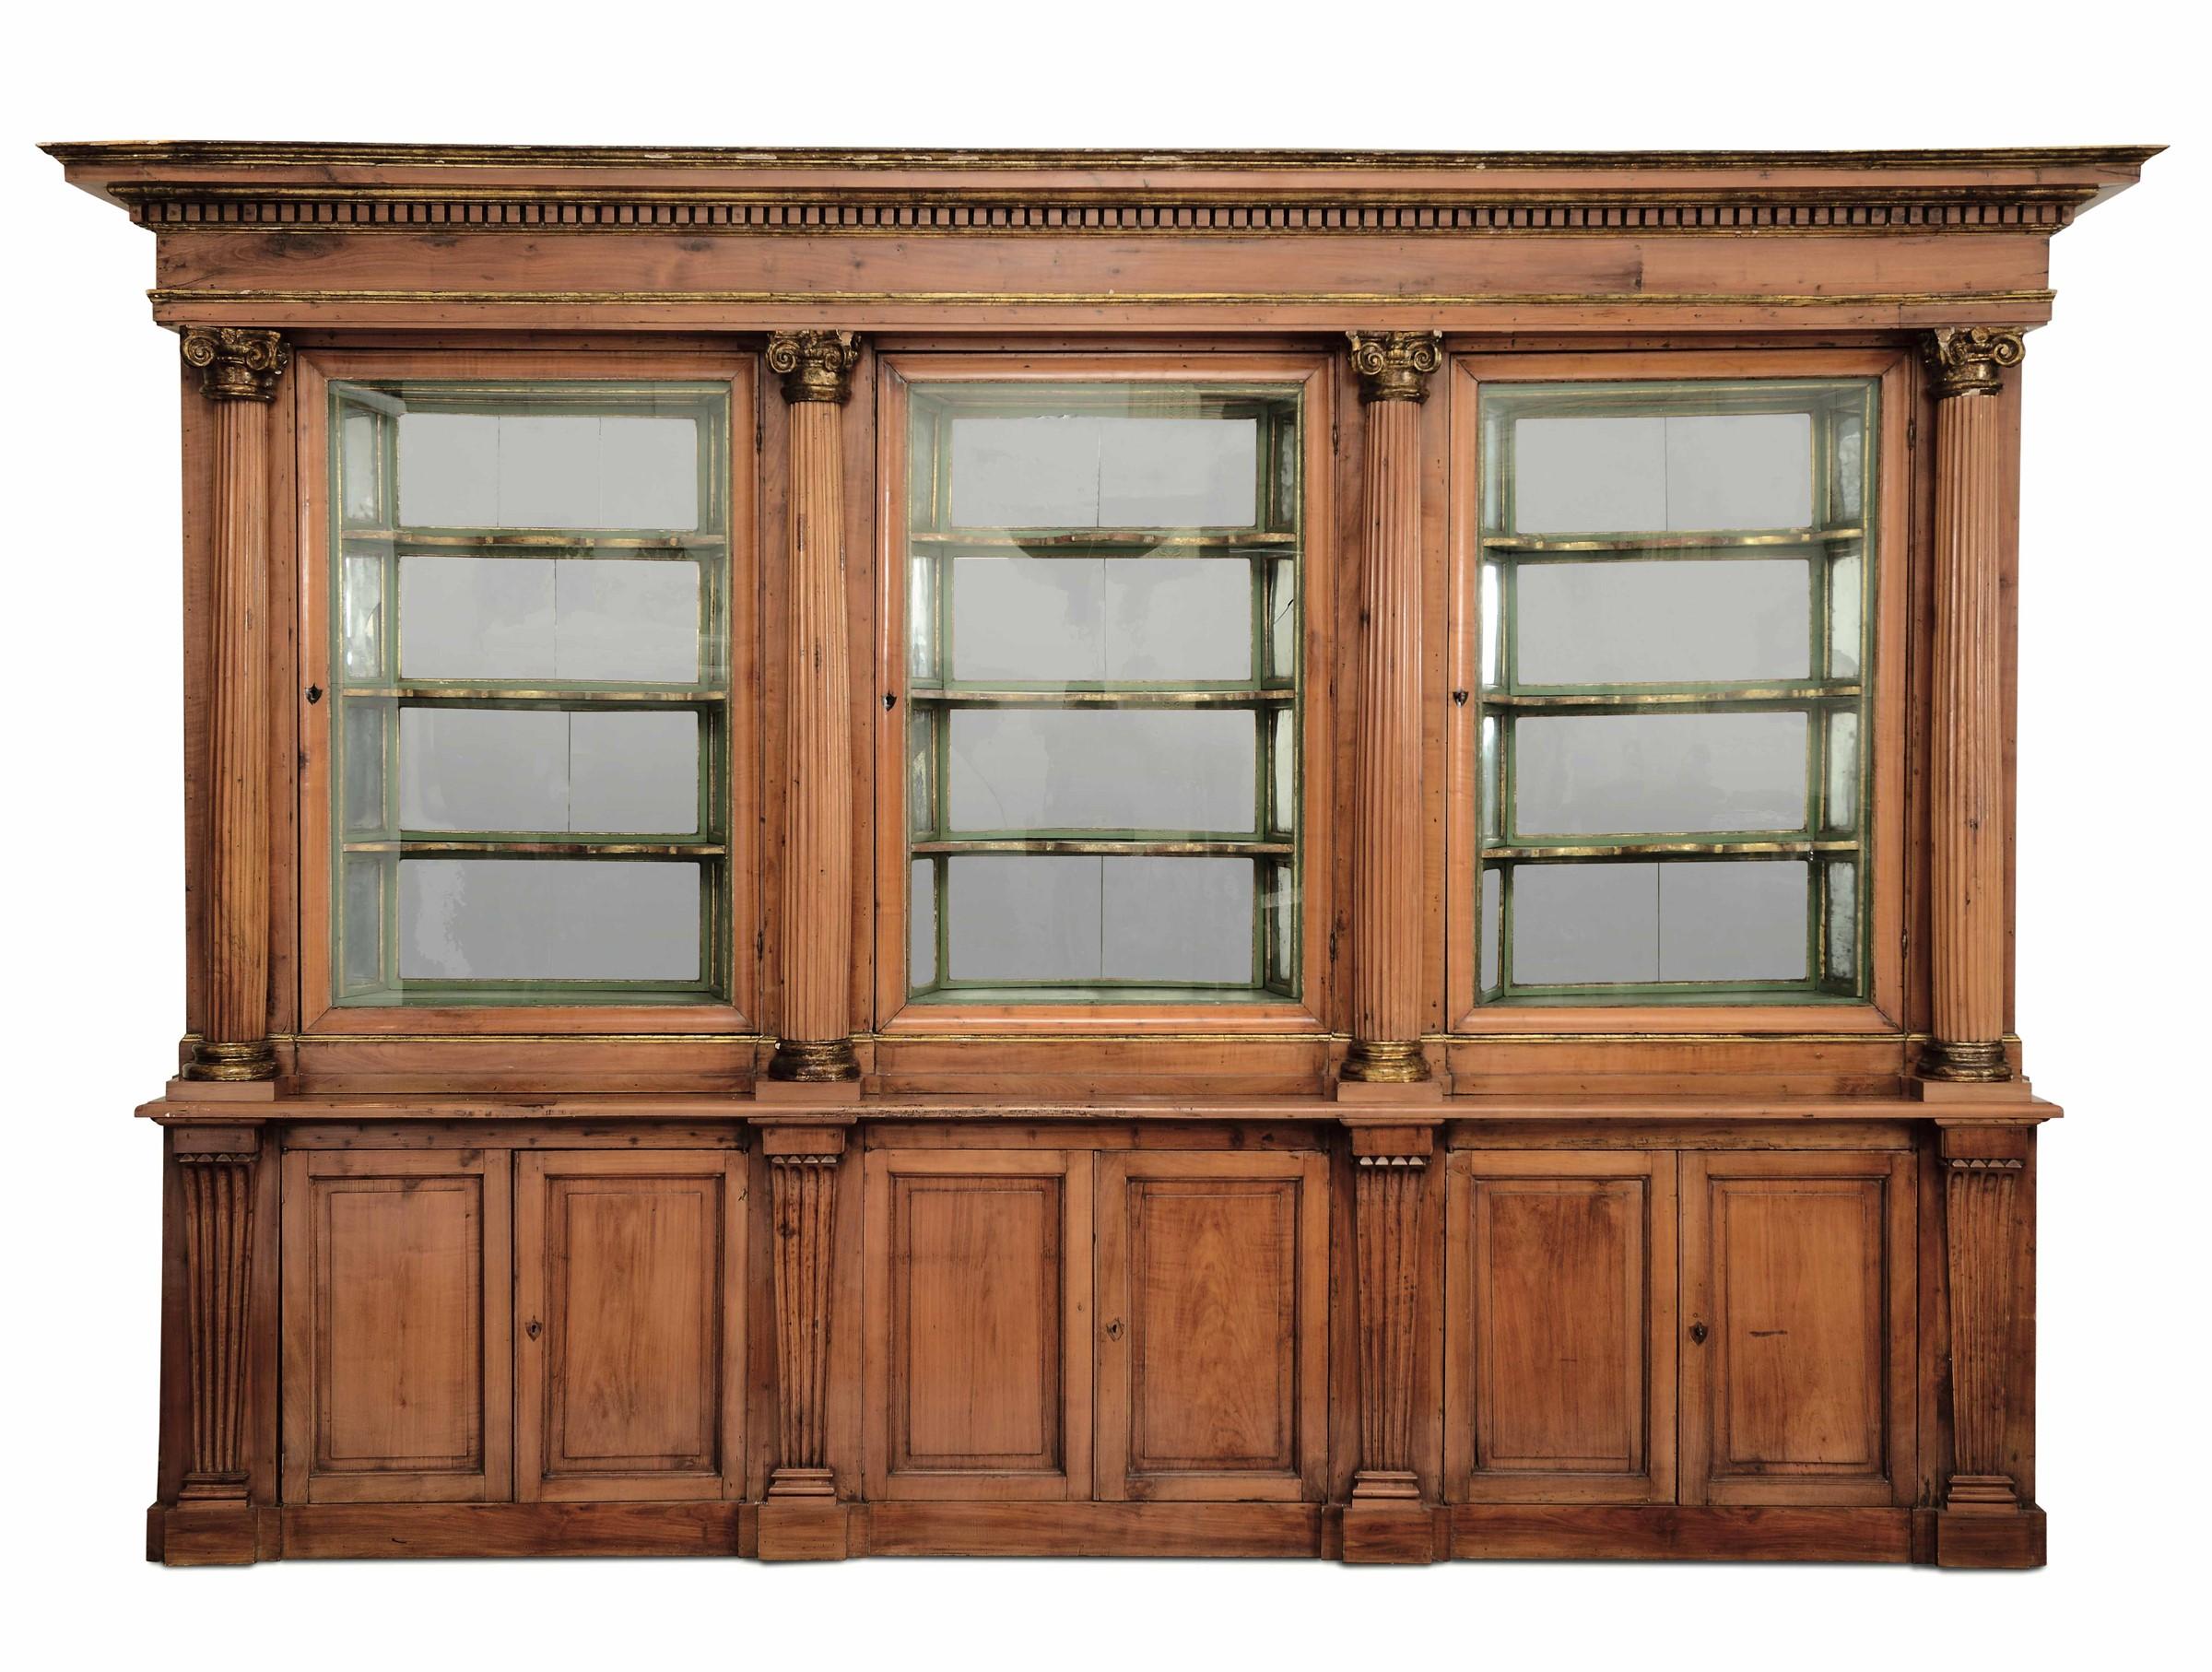 Lot 120 - Grande vetrina da speziale in legno intagliato, XVIII secolo, - sei ante alla base, [...]